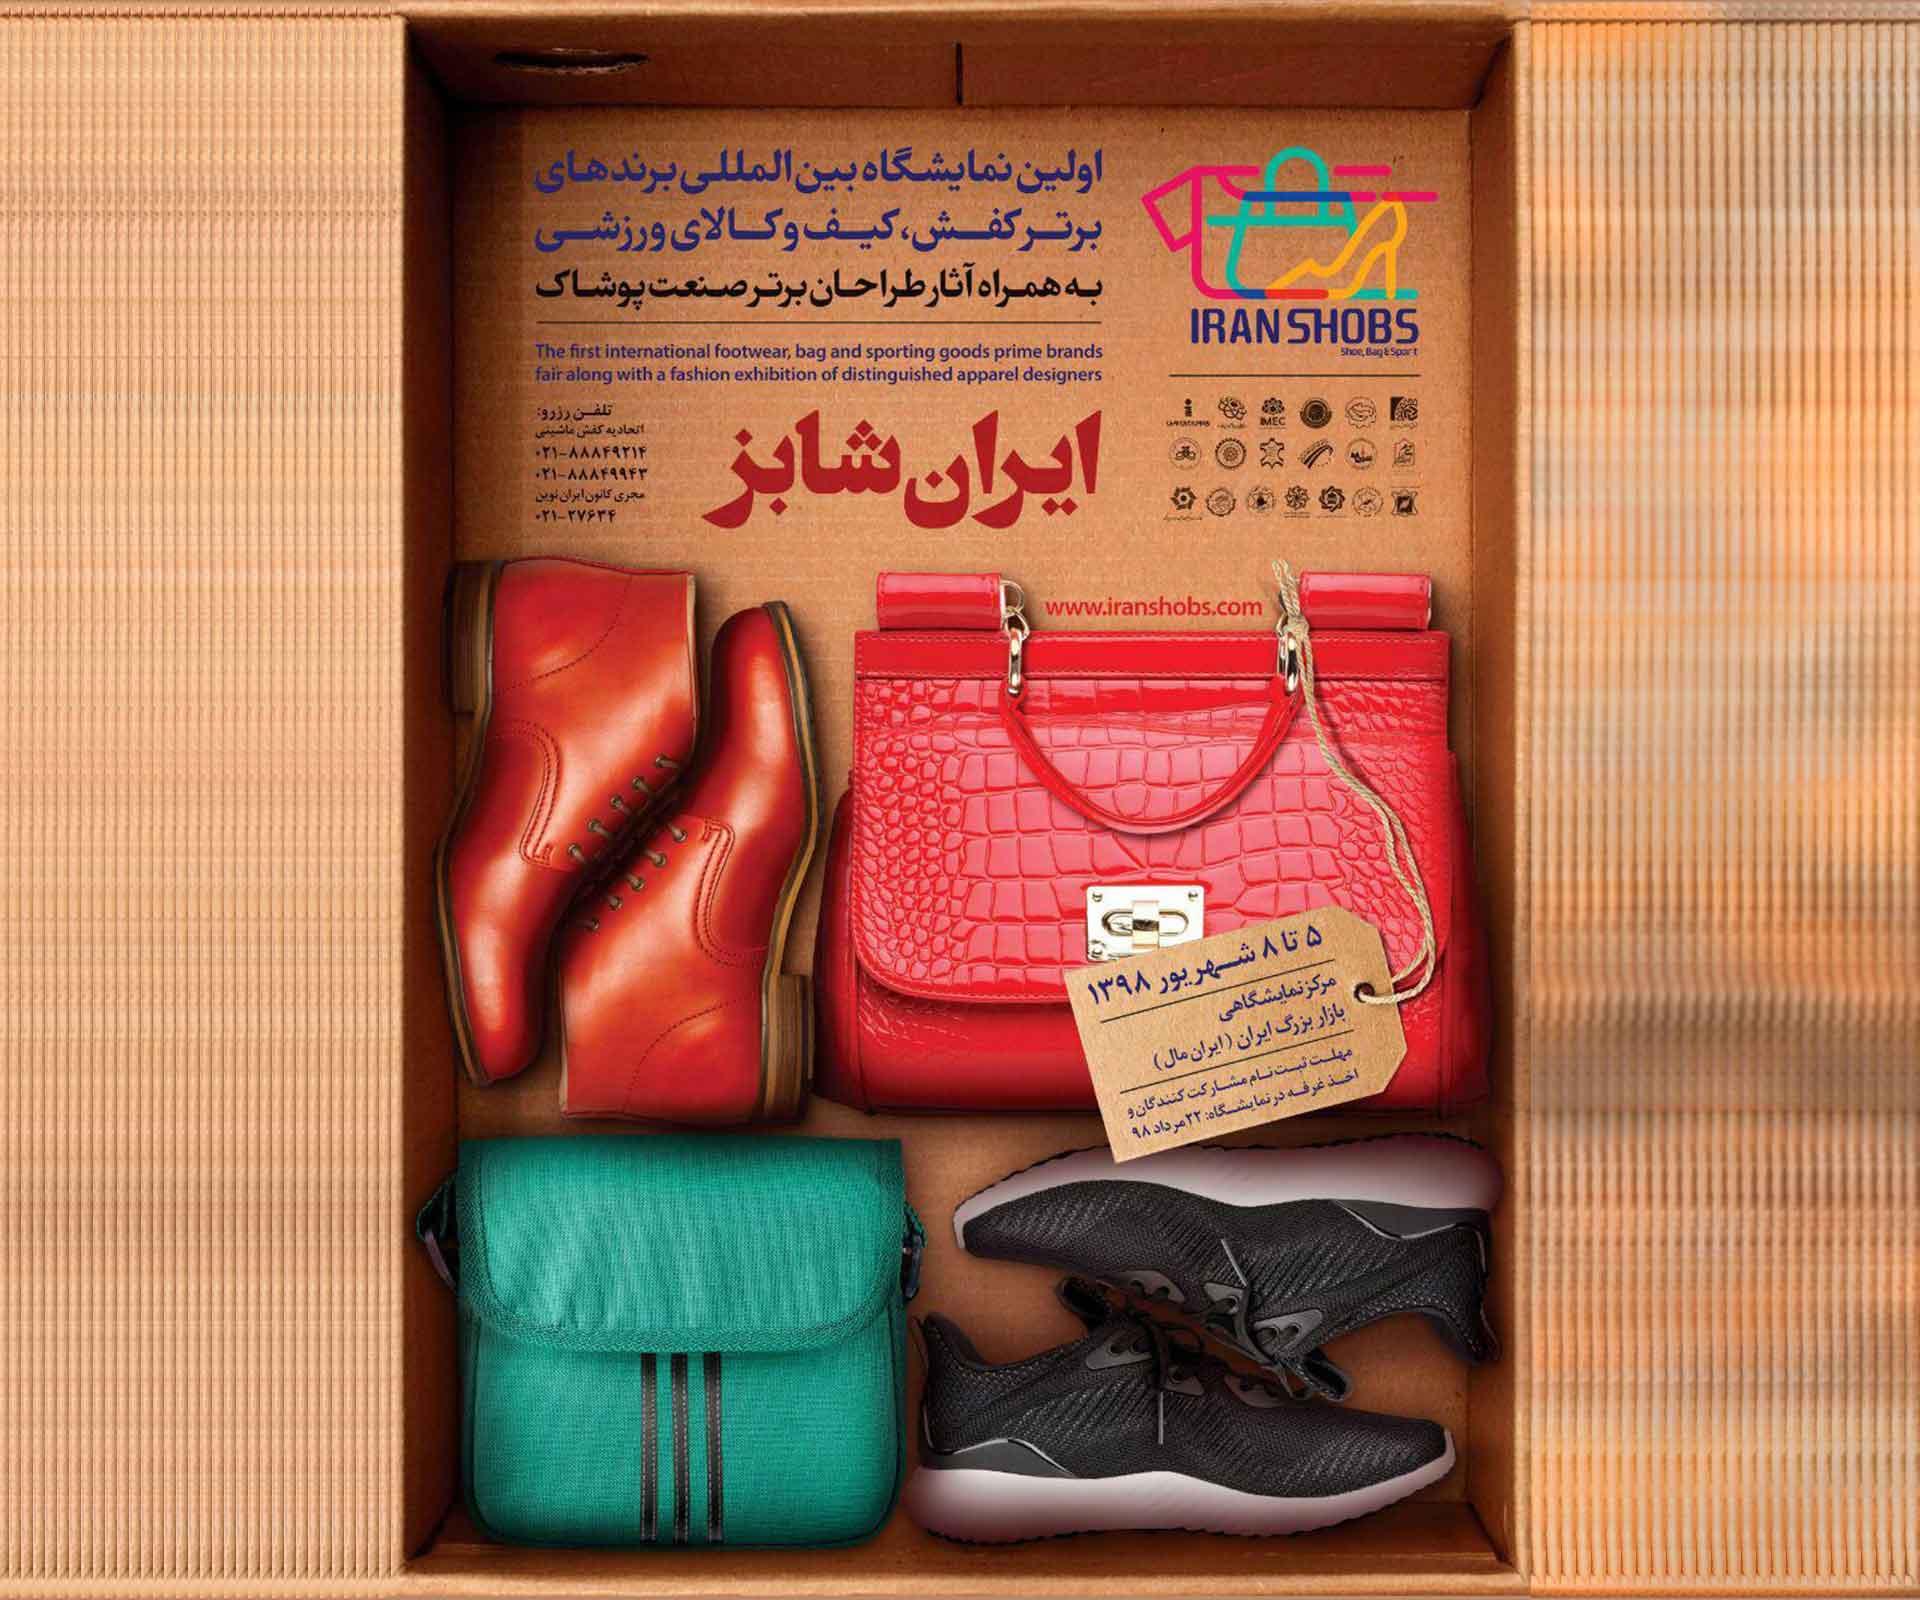 اولین دوره نمایشگاه بین المللی برندهای برتر کفش، کیف و کالای ورزشی